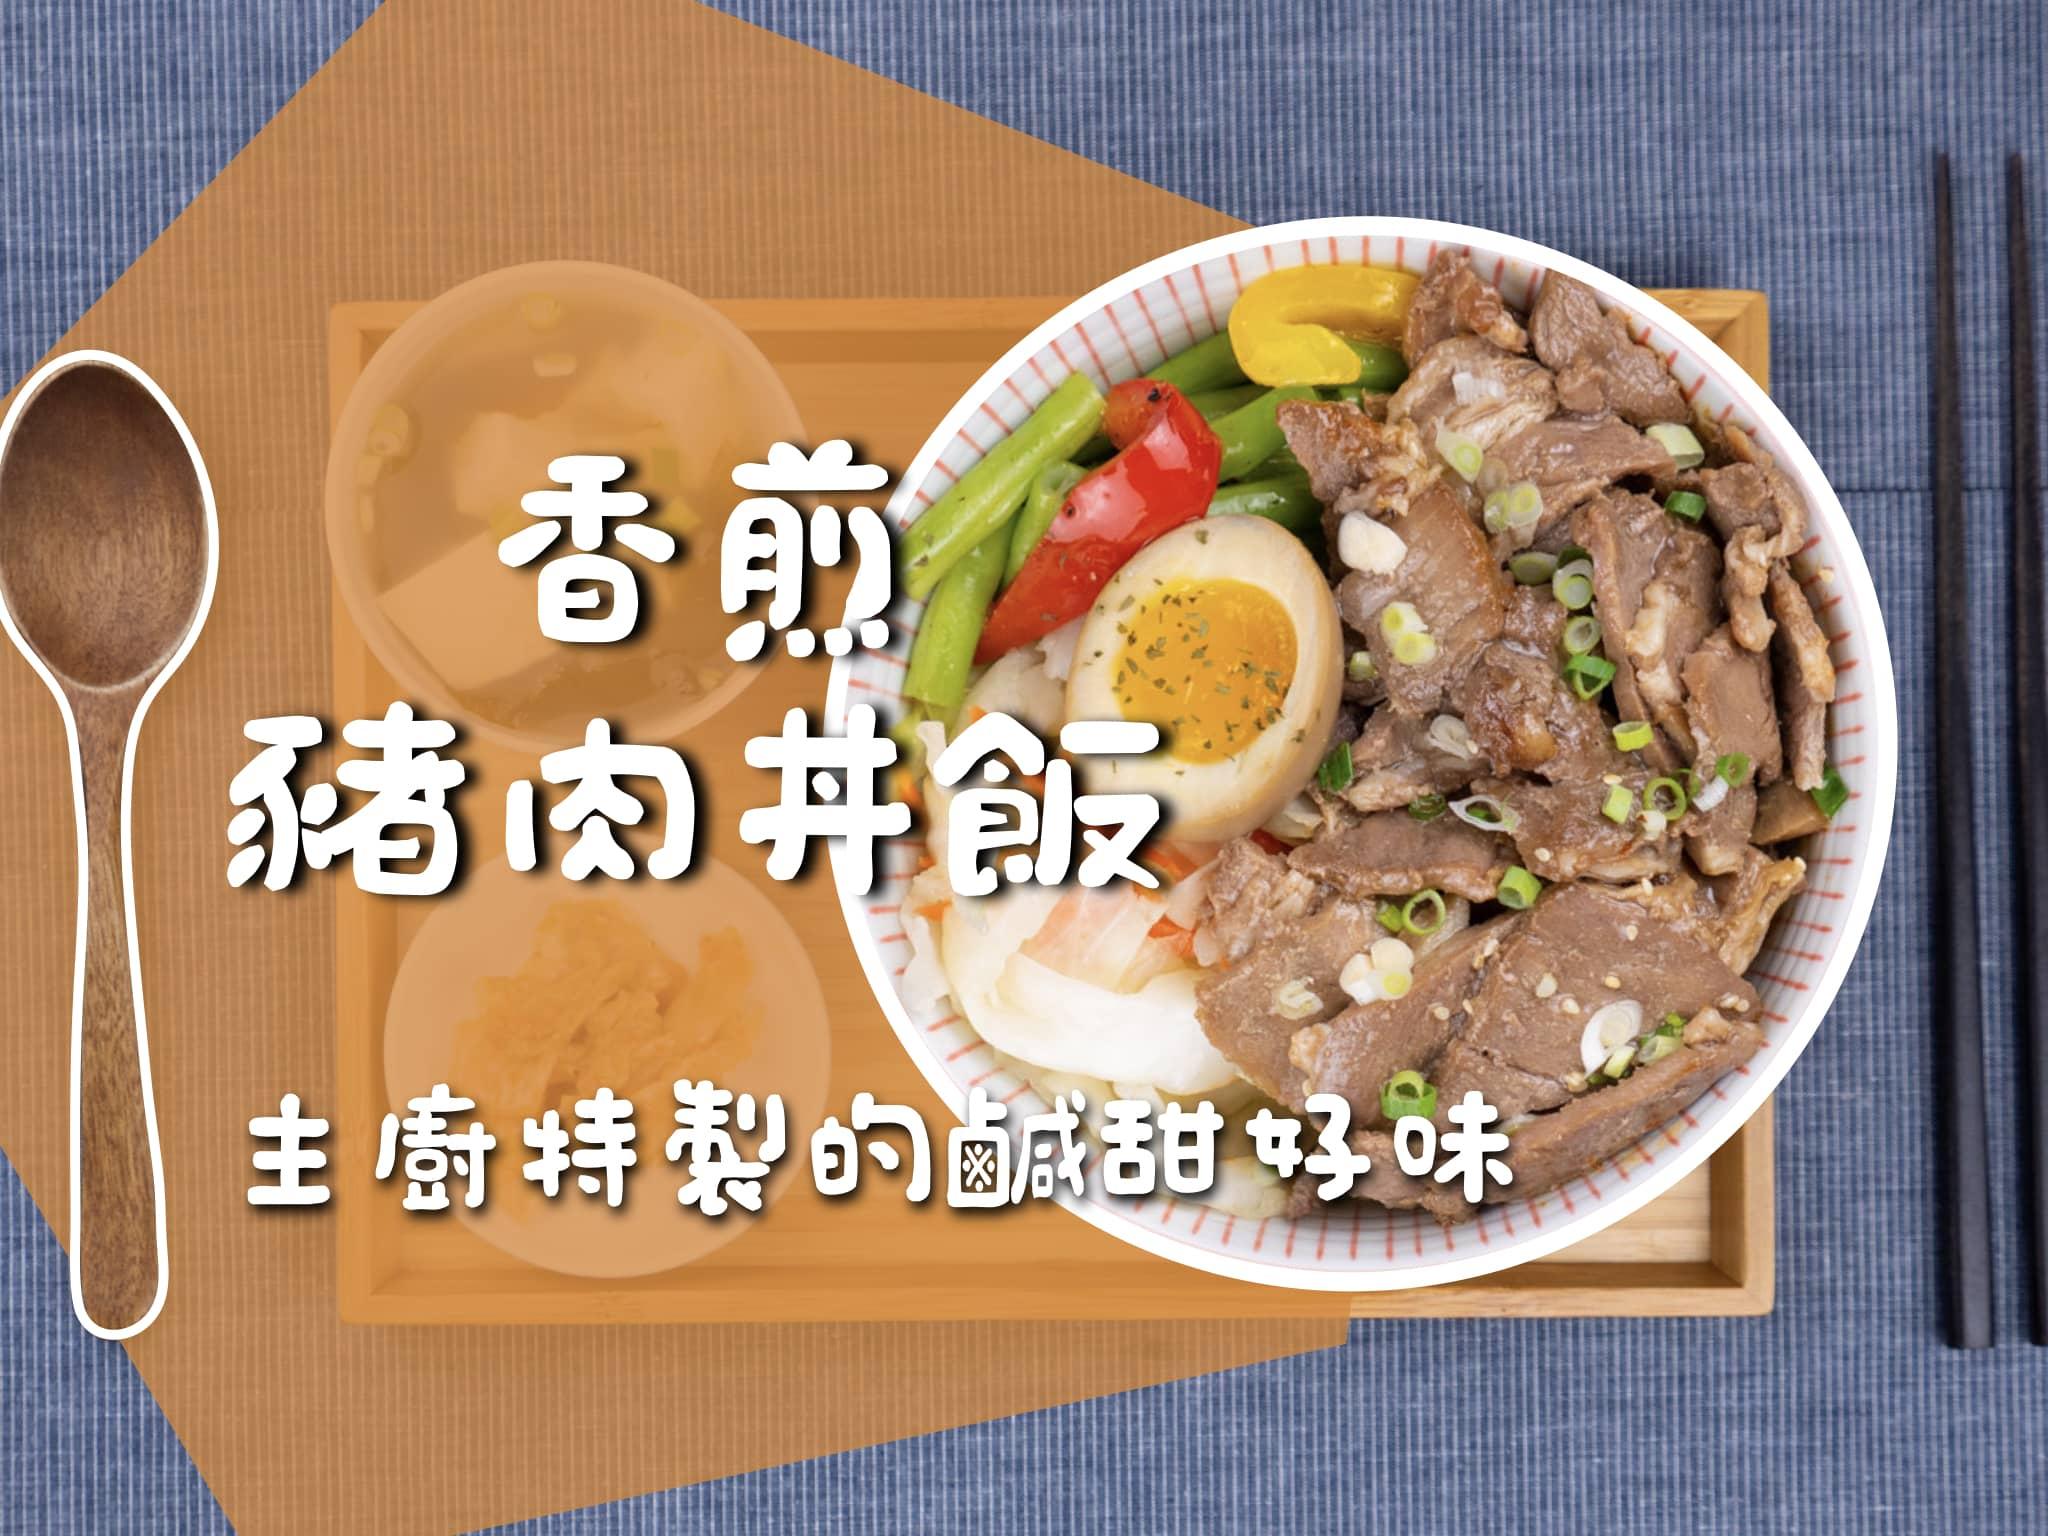 禾火餐點|《香煎豬肉丼飯》,焦香厚片梅花豬肉,搭配特製日式醬汁,鹹甜好滋味